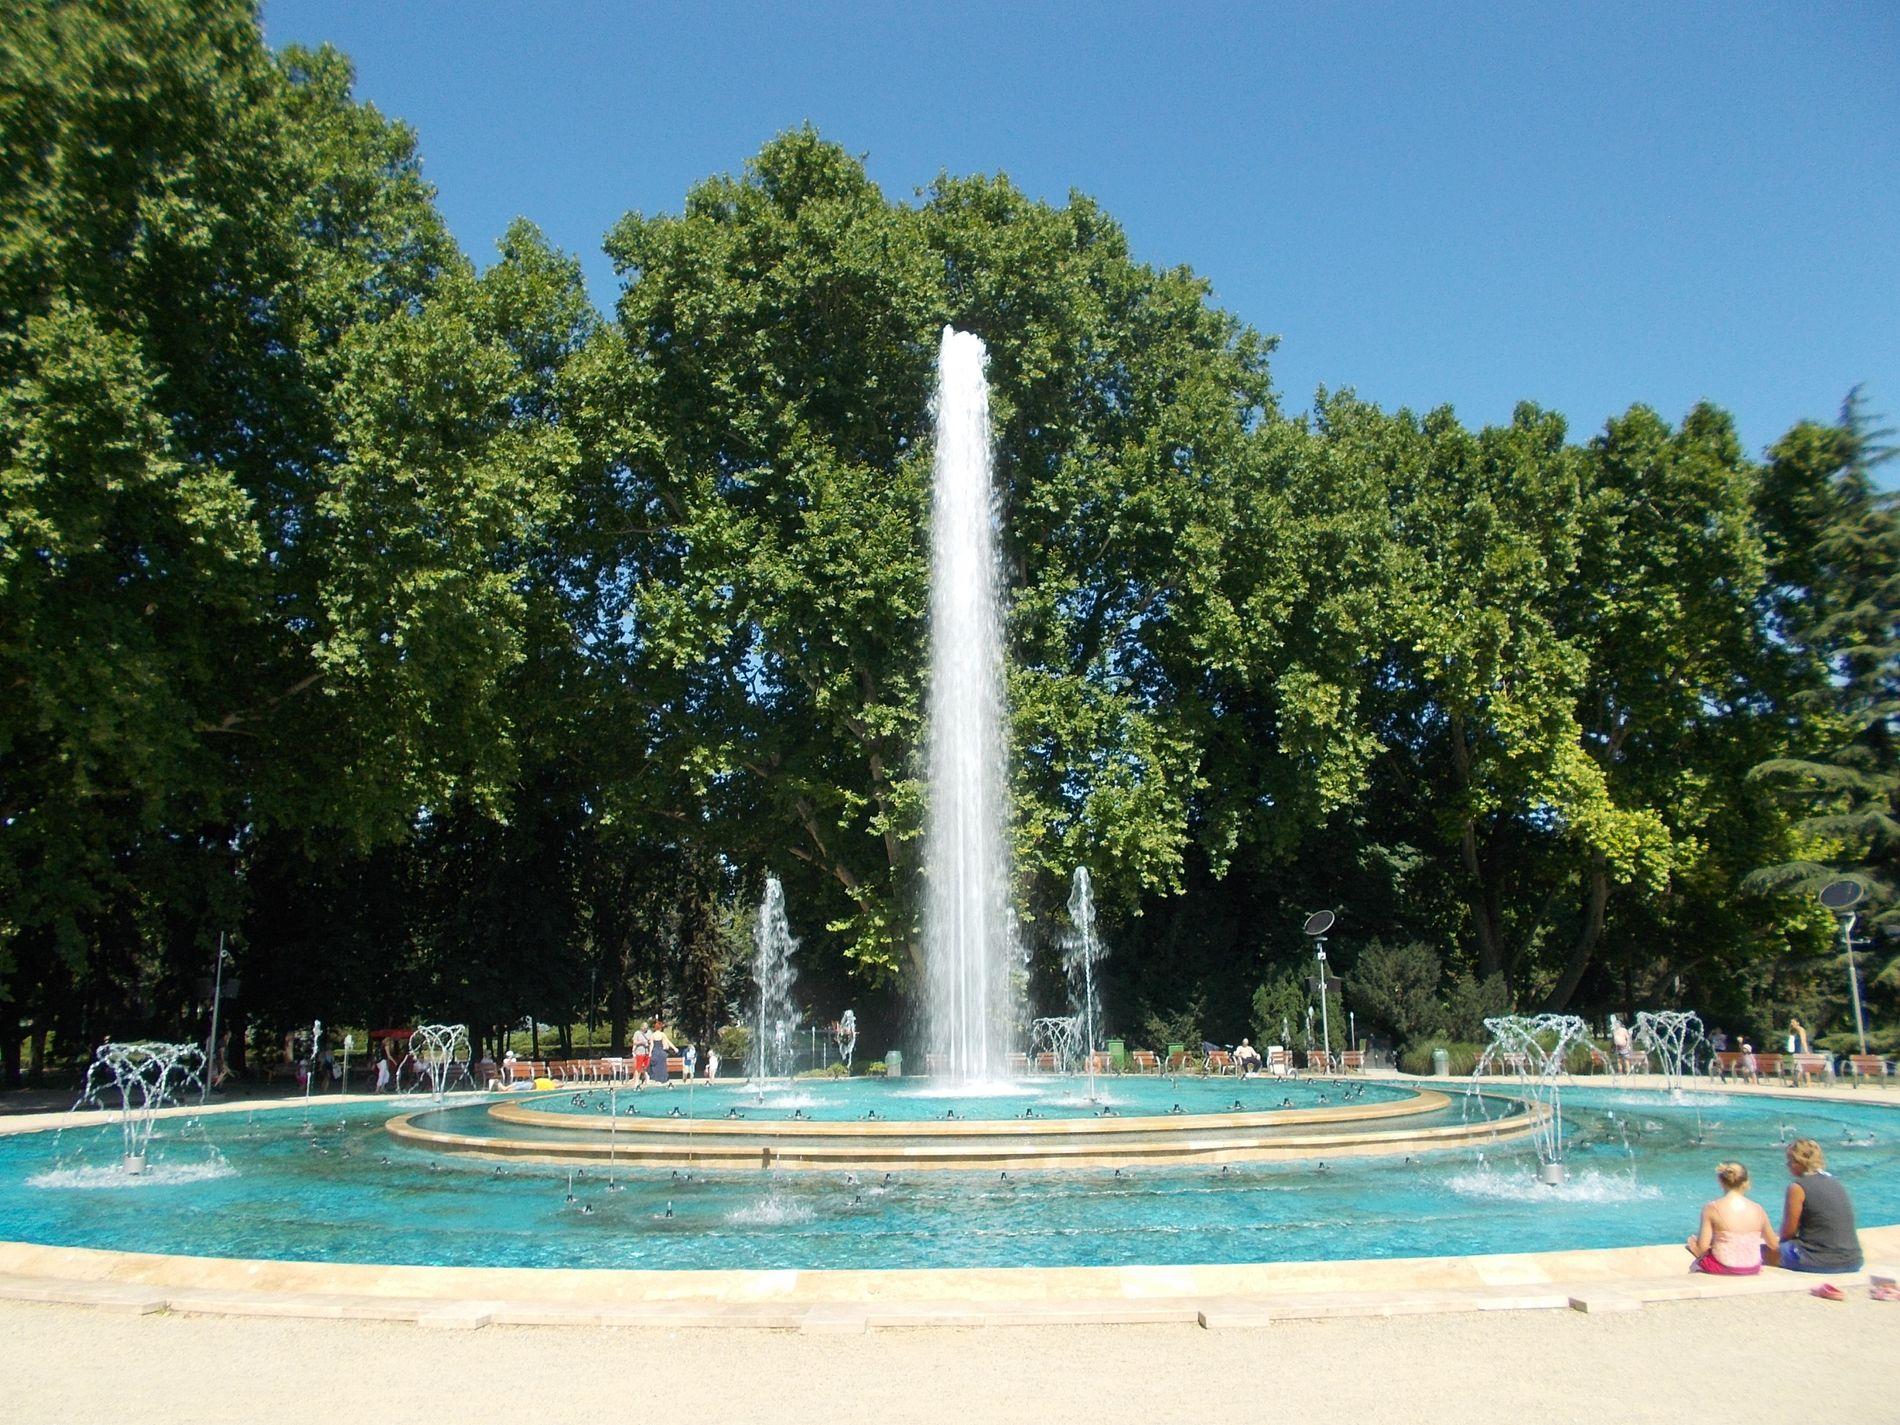 TURISTATTRAKSJON: Innsenderen har latt seg inspirere av den musikalske fontenen i Budapest i Ungarn, som sender vannsøylene til værs i takt med musikk.